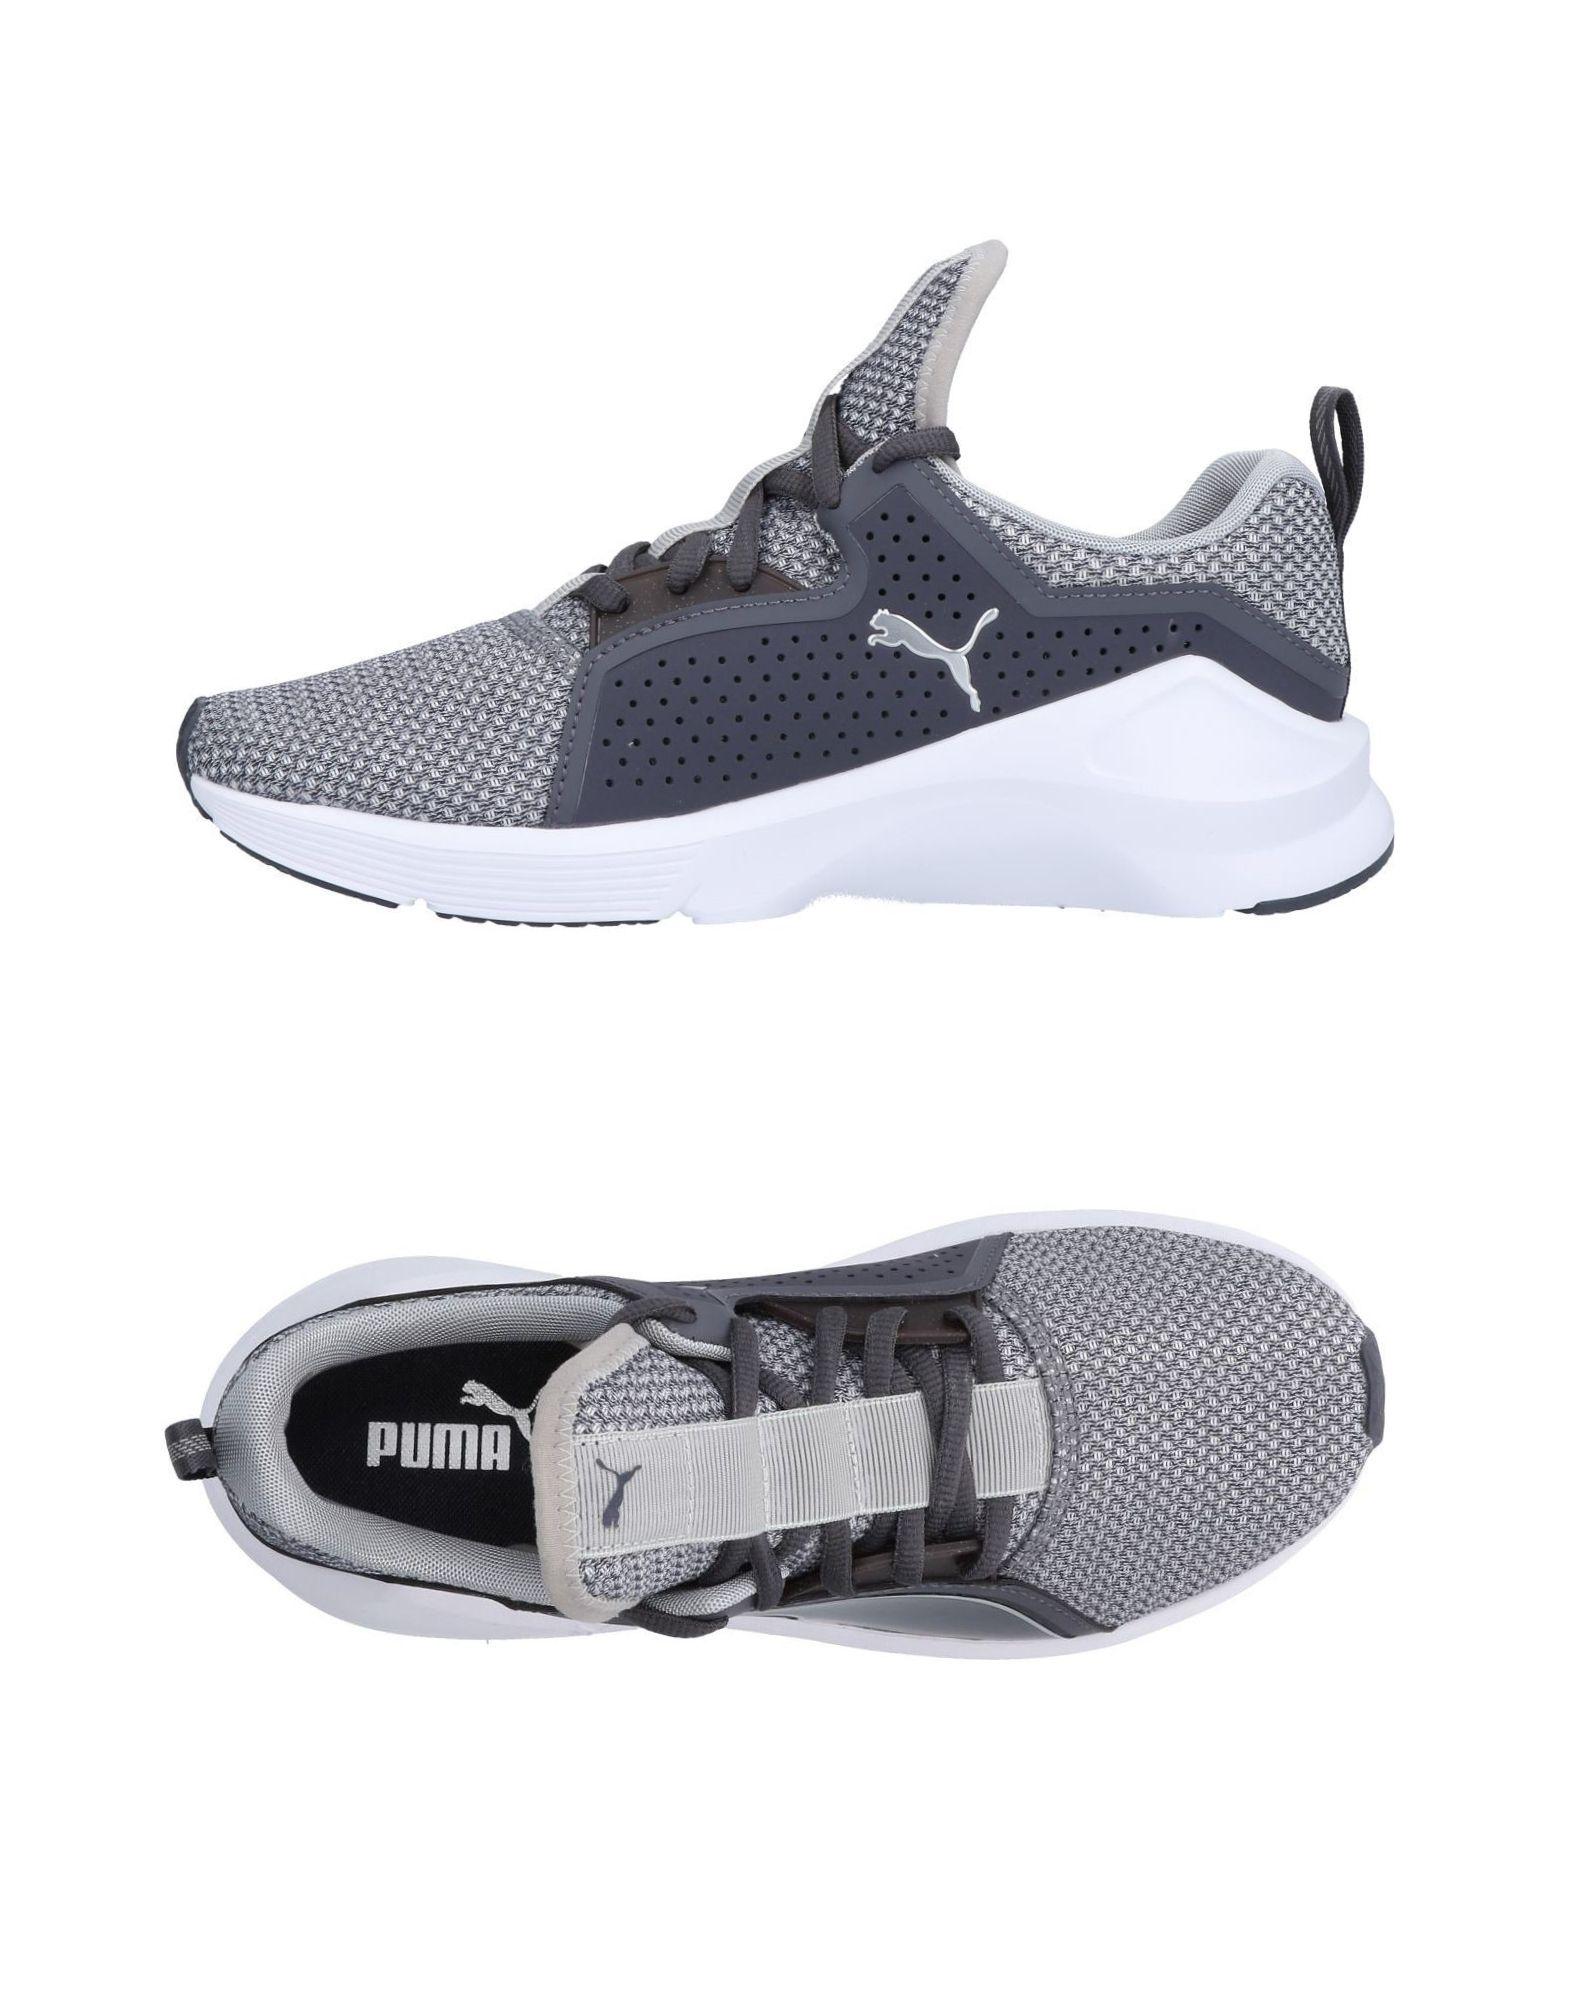 Baskets Puma Femme - Baskets pour Puma Gris Nouvelles chaussures pour Baskets hommes et femmes, remise limitée dans le temps 084e0f